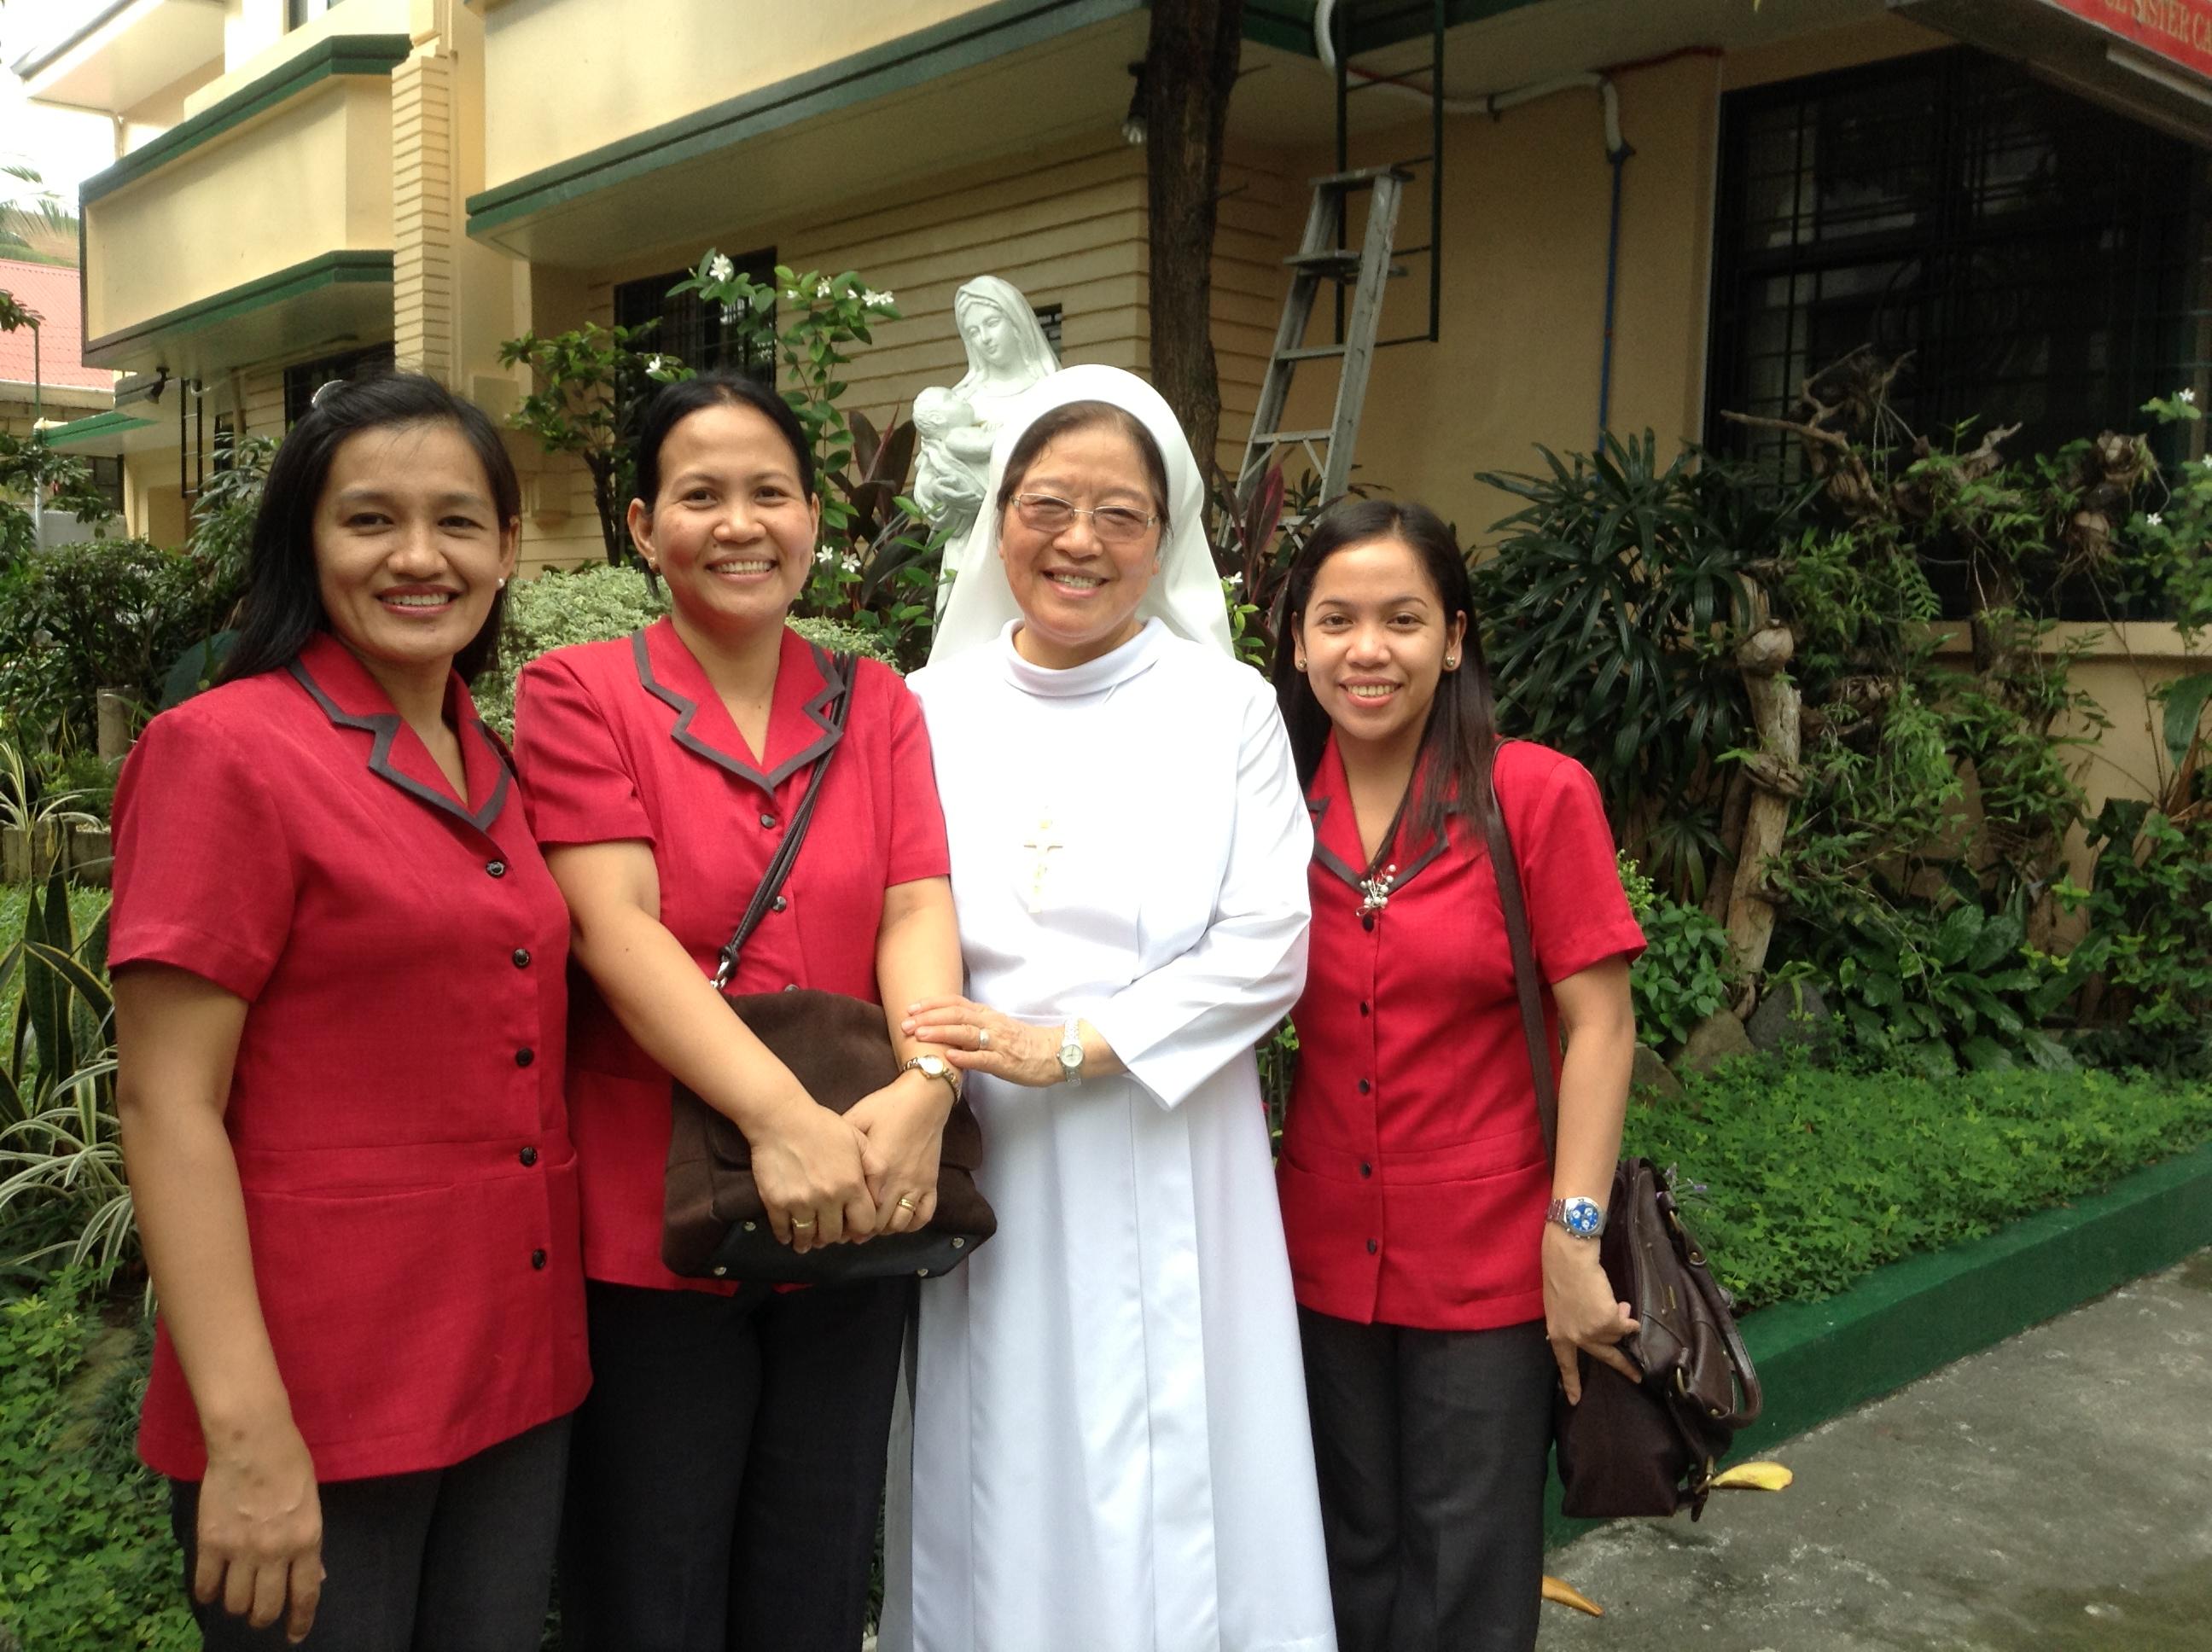 菲律賓馬尼拉會院